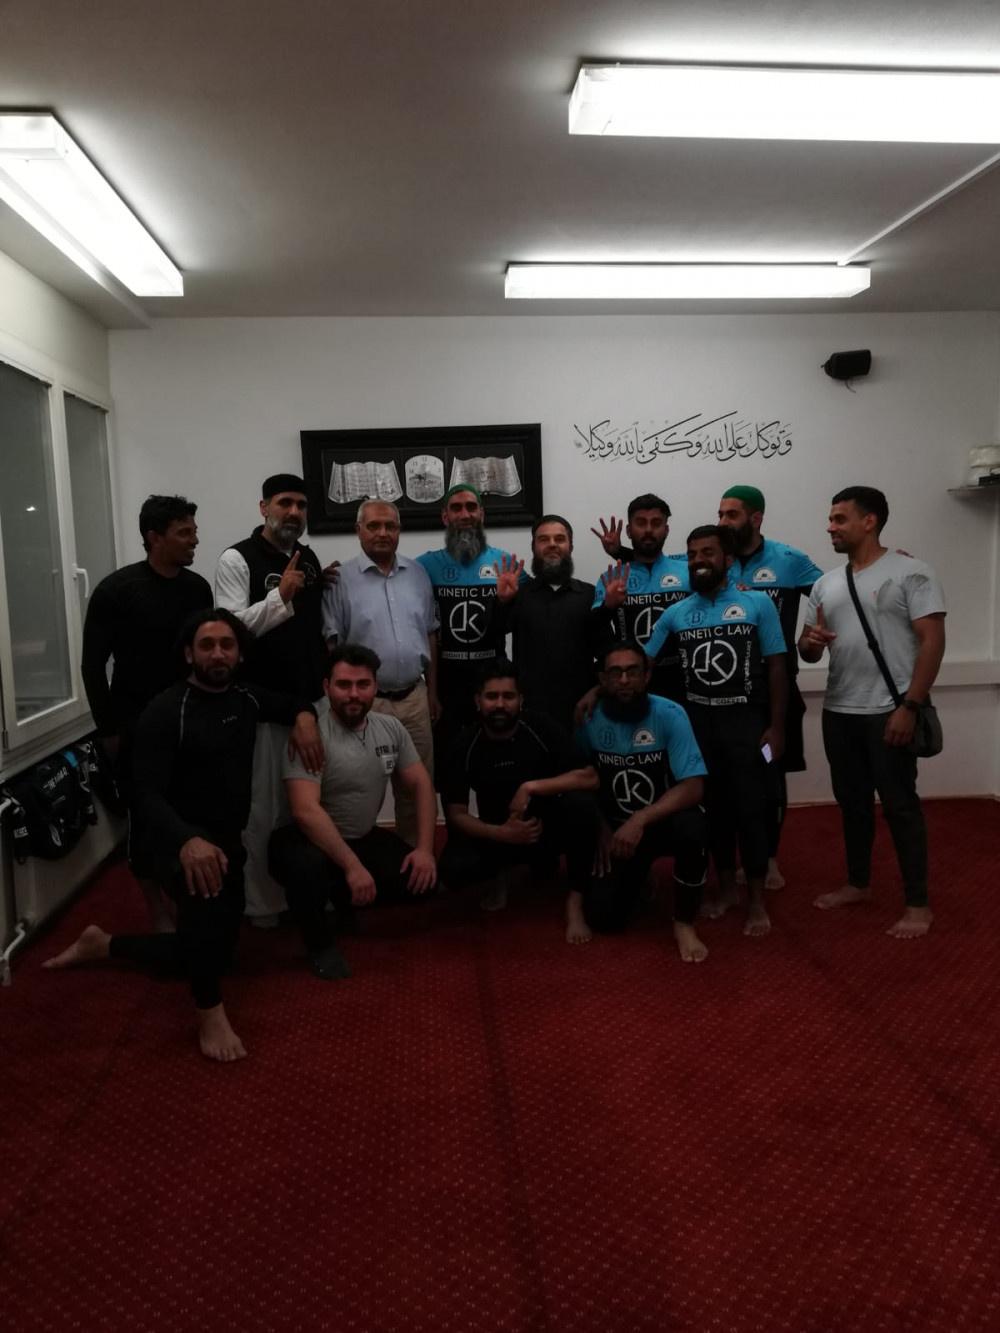 12 gencin Londra'dan Medine'ye uzanan zorlu hac yolculuğu - Sayfa 4